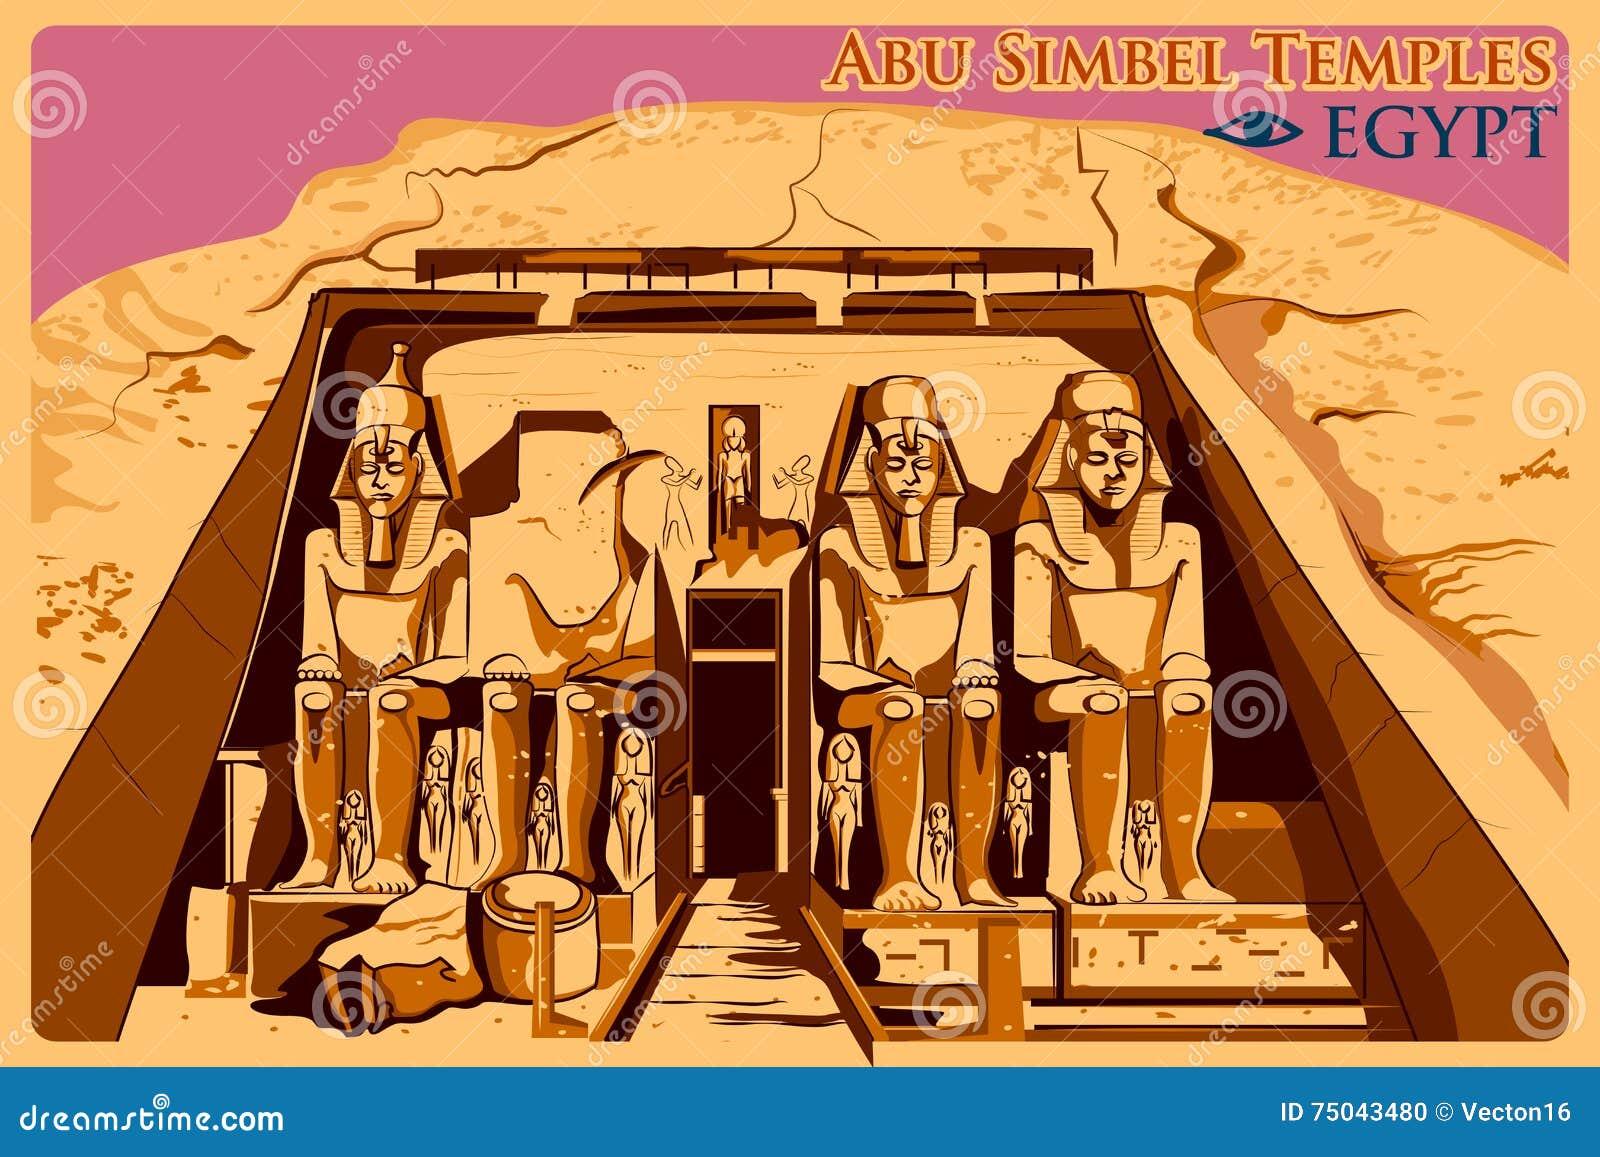 Cartel del vintage de Abu Simbel Temples en el monumento famoso de Nubia en Egipto